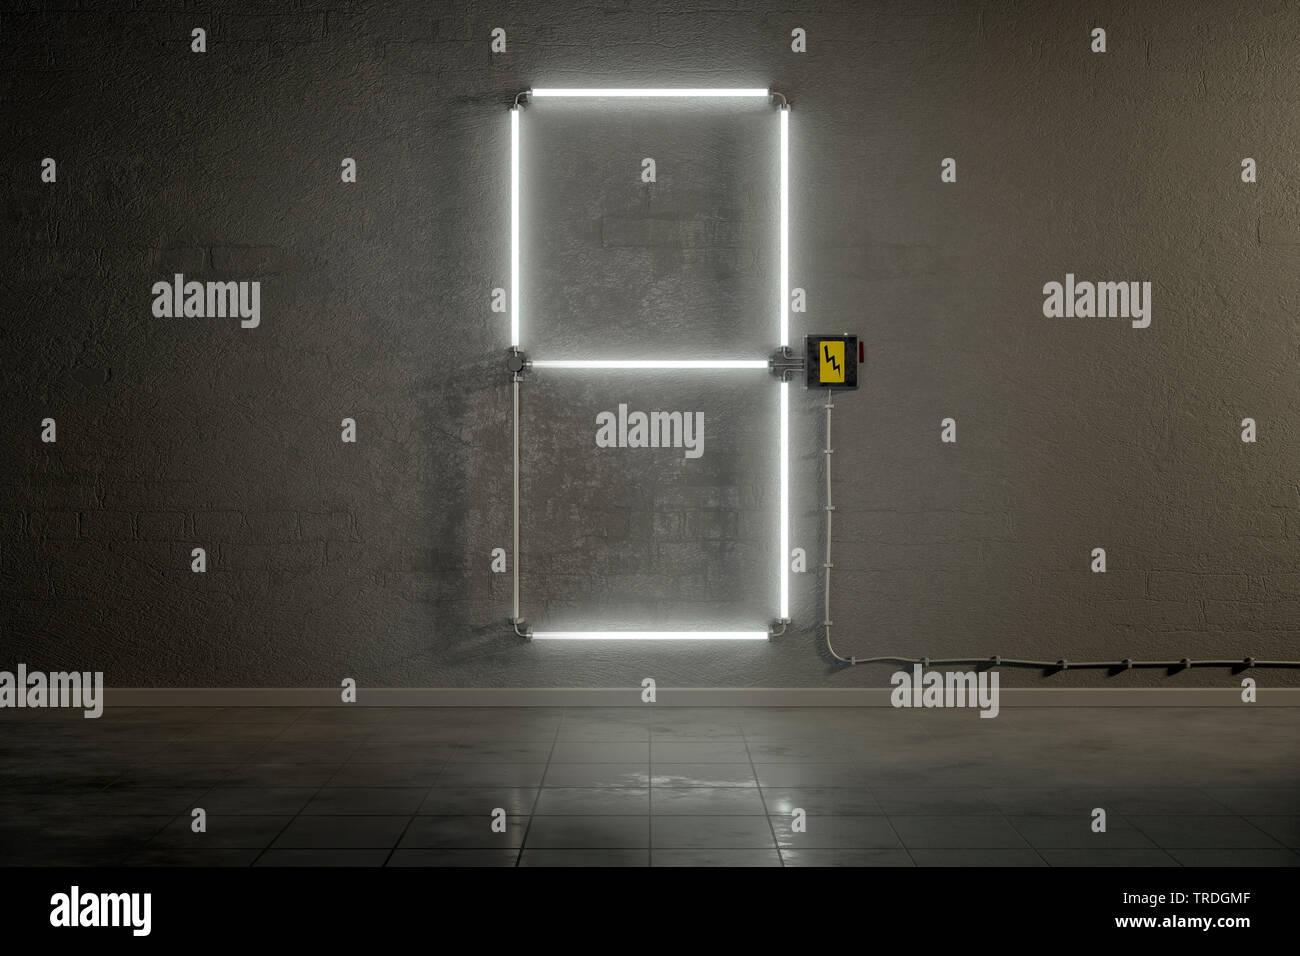 3D-Computergrafik, Einstellige Zaehler-Anzeige aus Neonlampen die Zahl 9 darstellend    3D computer graphic, one-digit counter built out of neon tubes - Stock Image